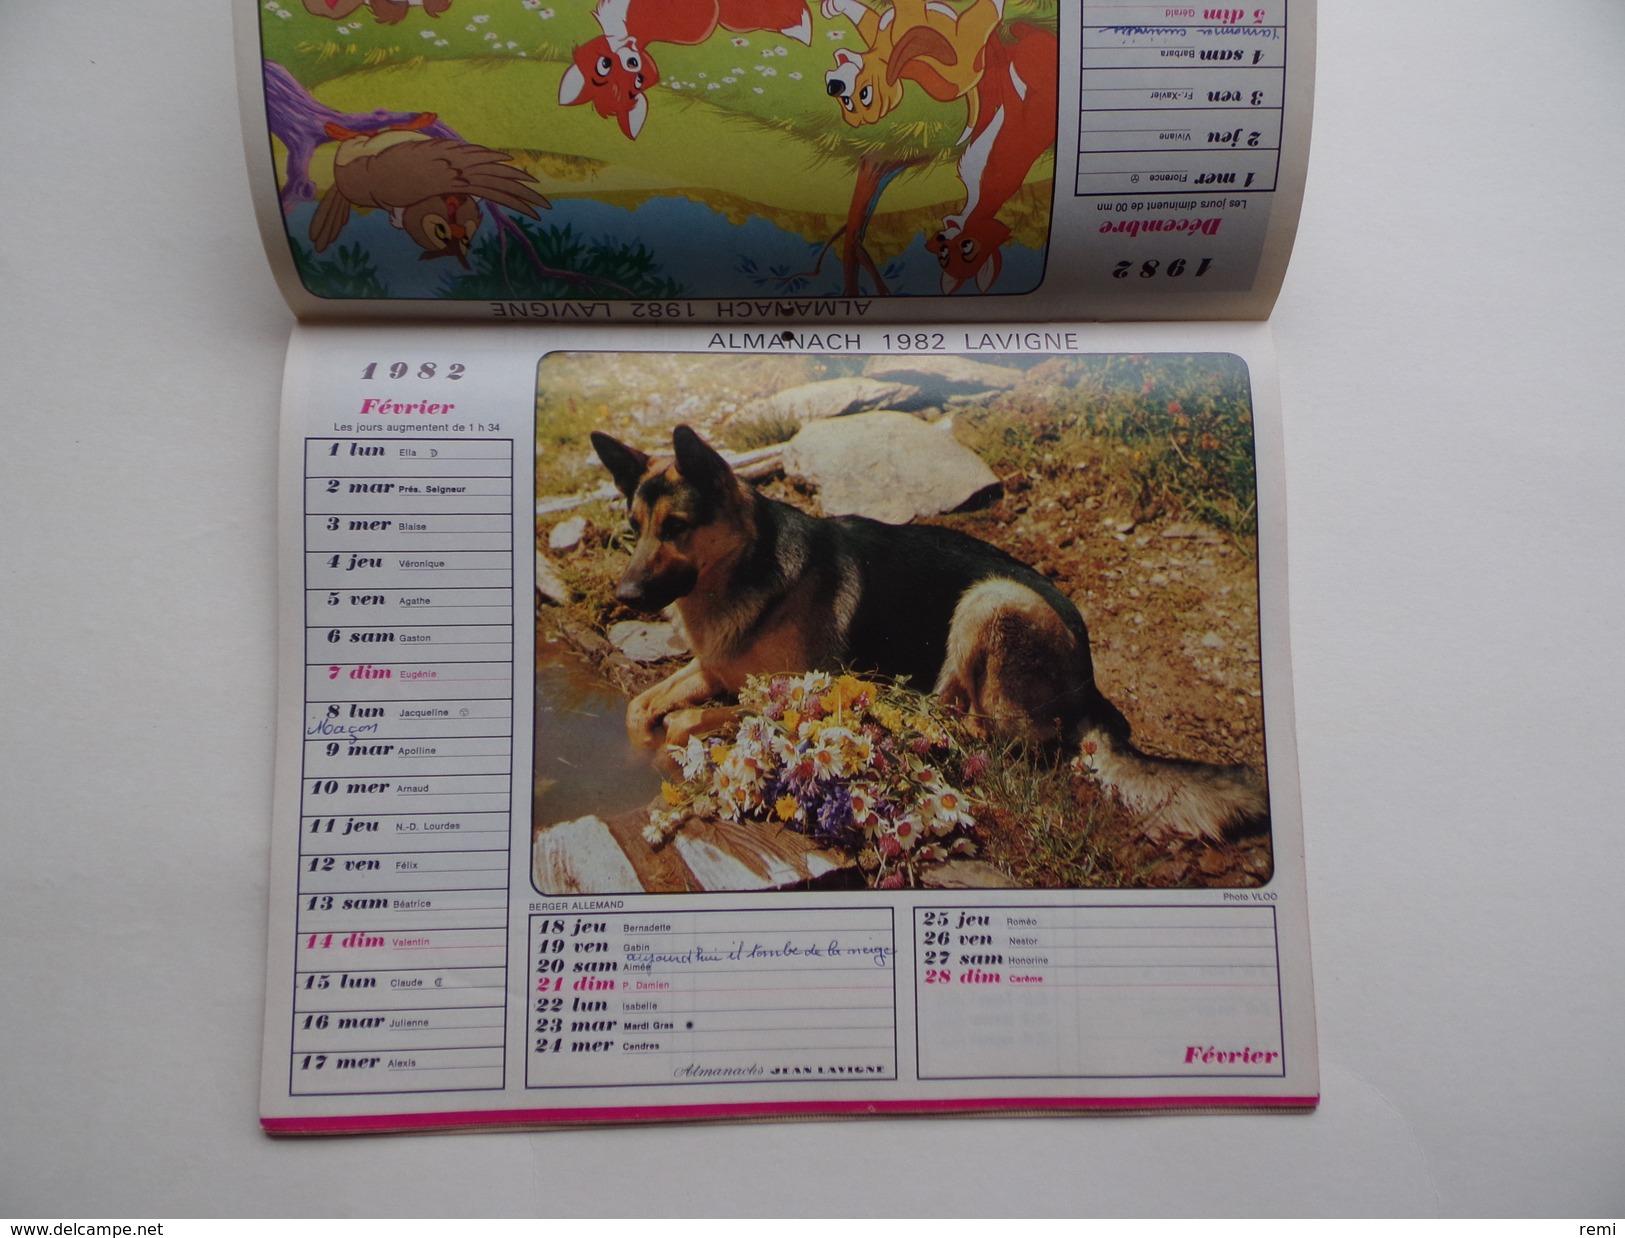 CALENDRIER P.T.T. POSTE POSTES 1982 ALMANACH CALENDAR KALENDER Scène Agricole Agriculture Attelage Mouton Berger - Calendars